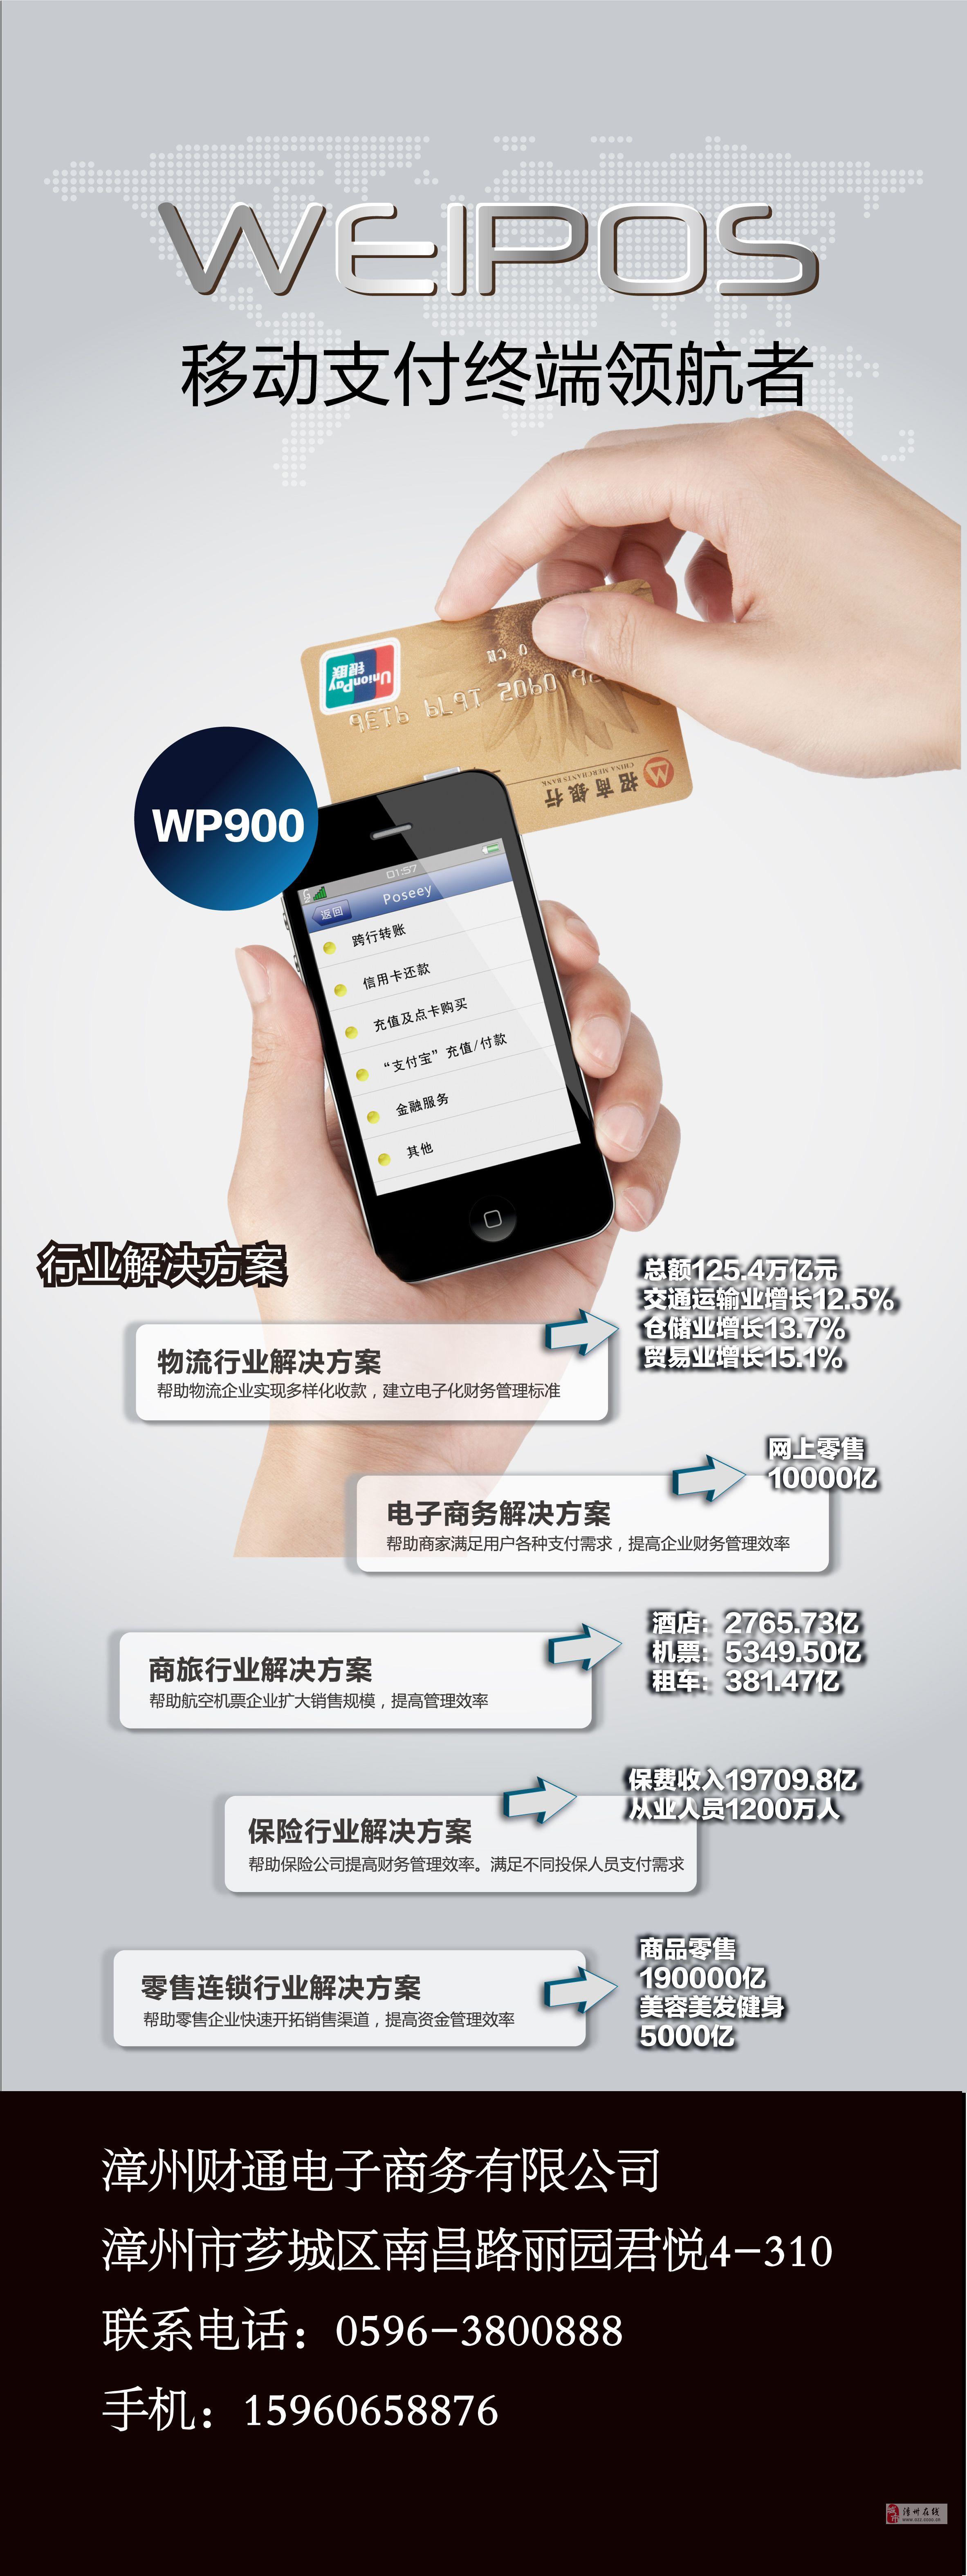 漳州财通手机pos机——向漳州下属各县诚招代理商